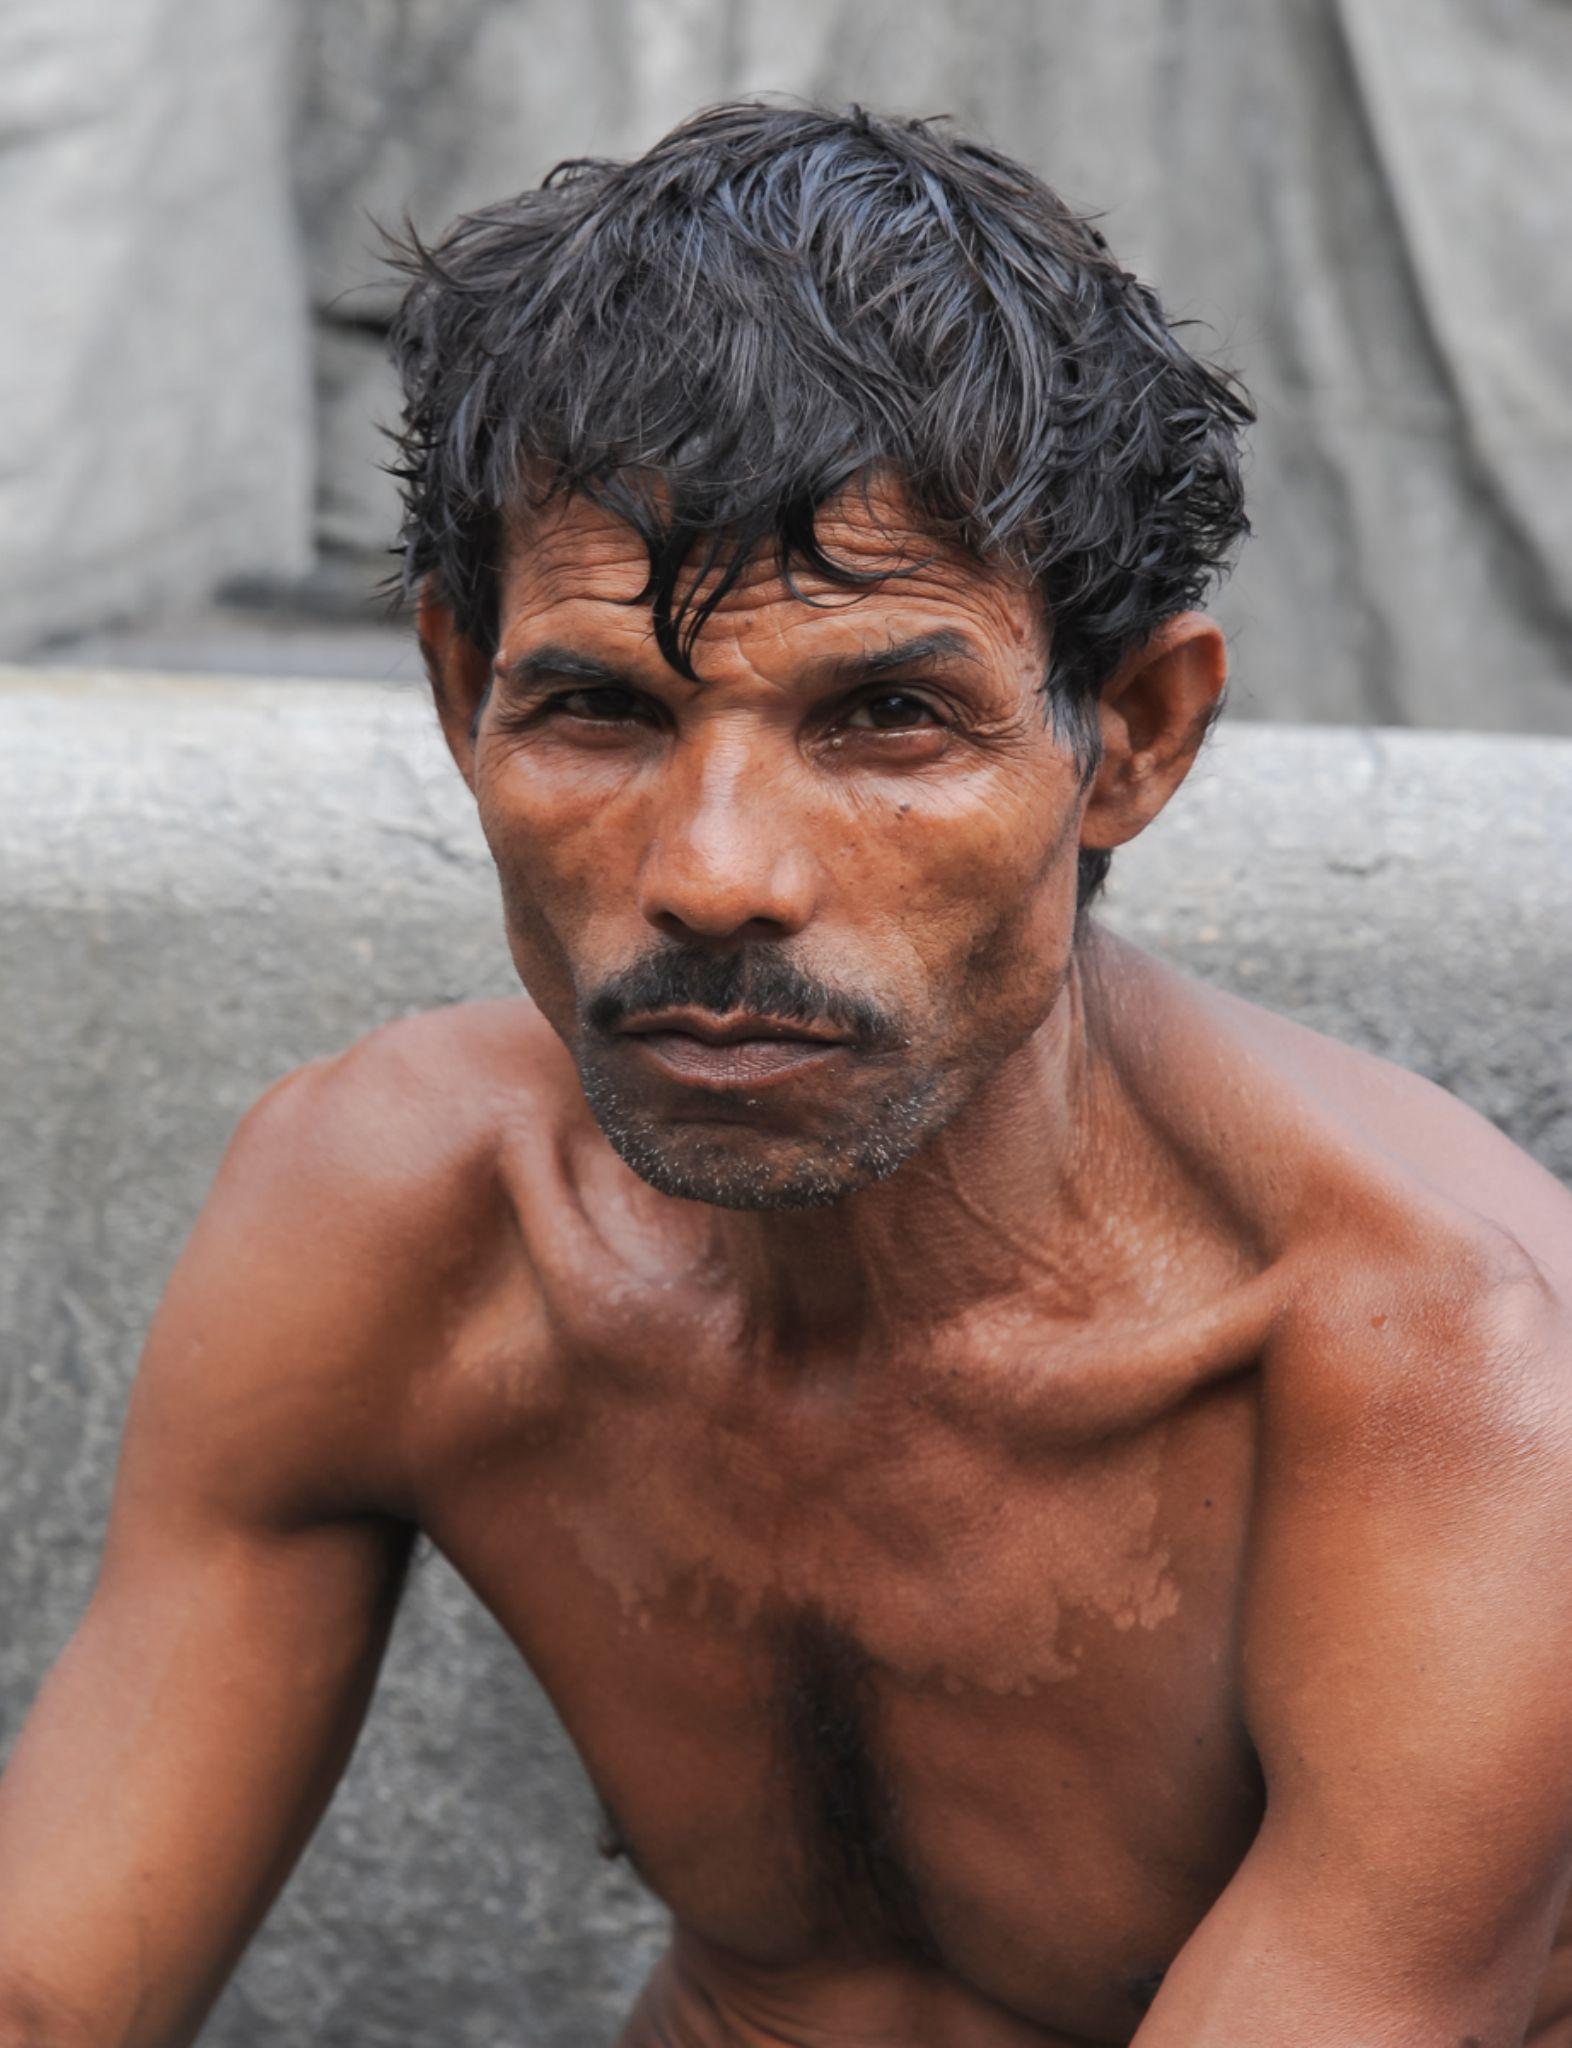 worker by heinz homatsch